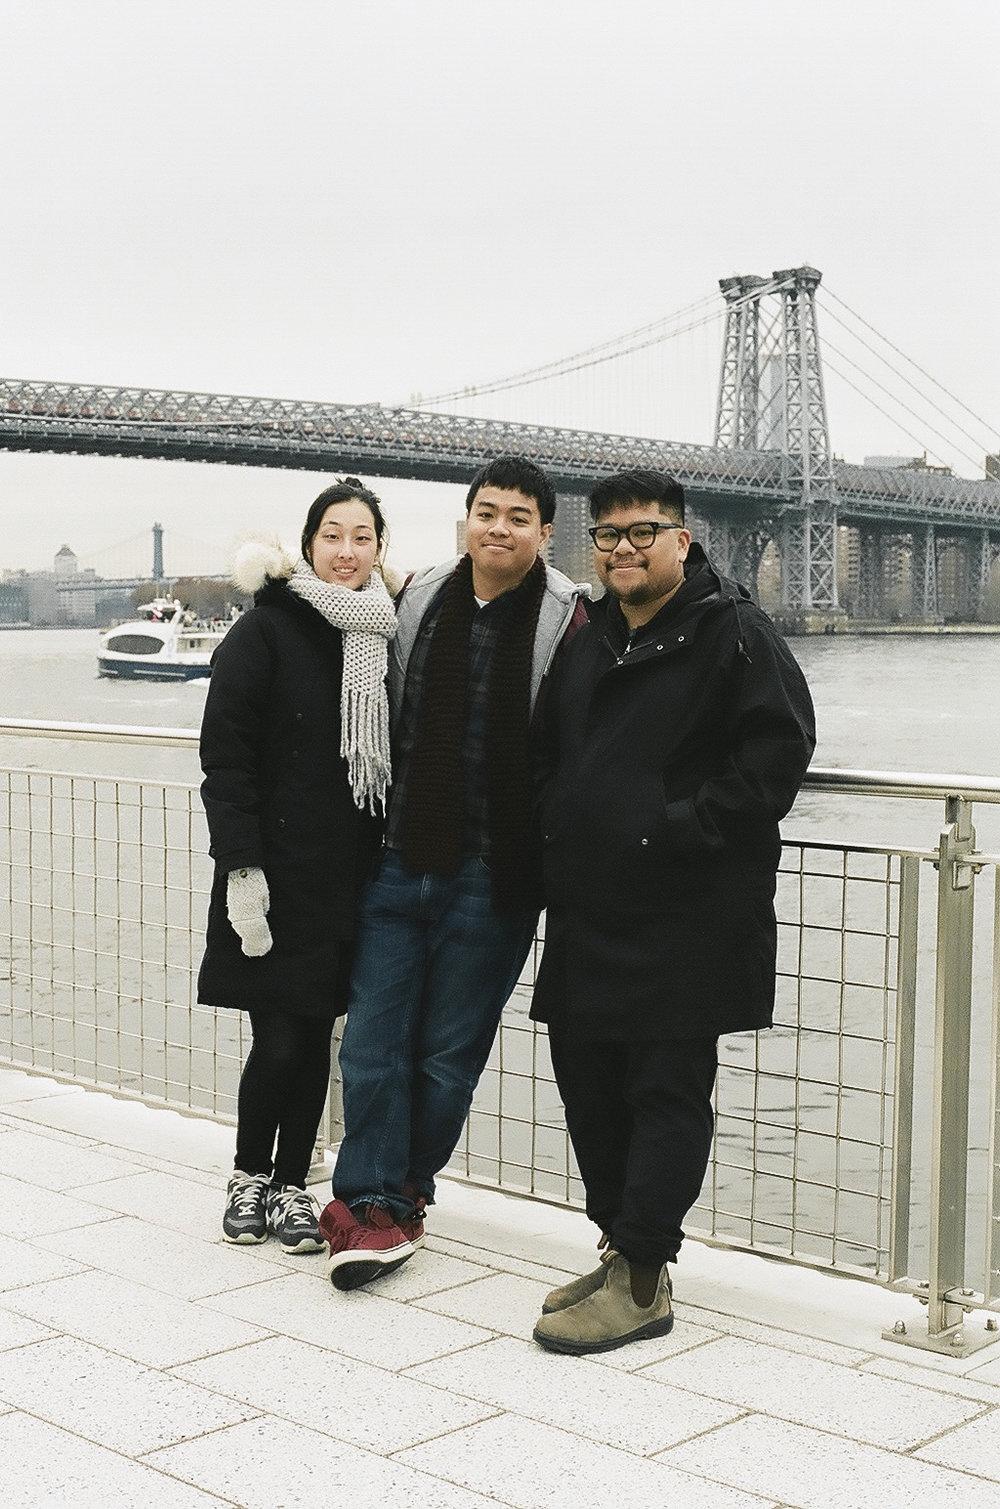 Newyork3_19.JPG